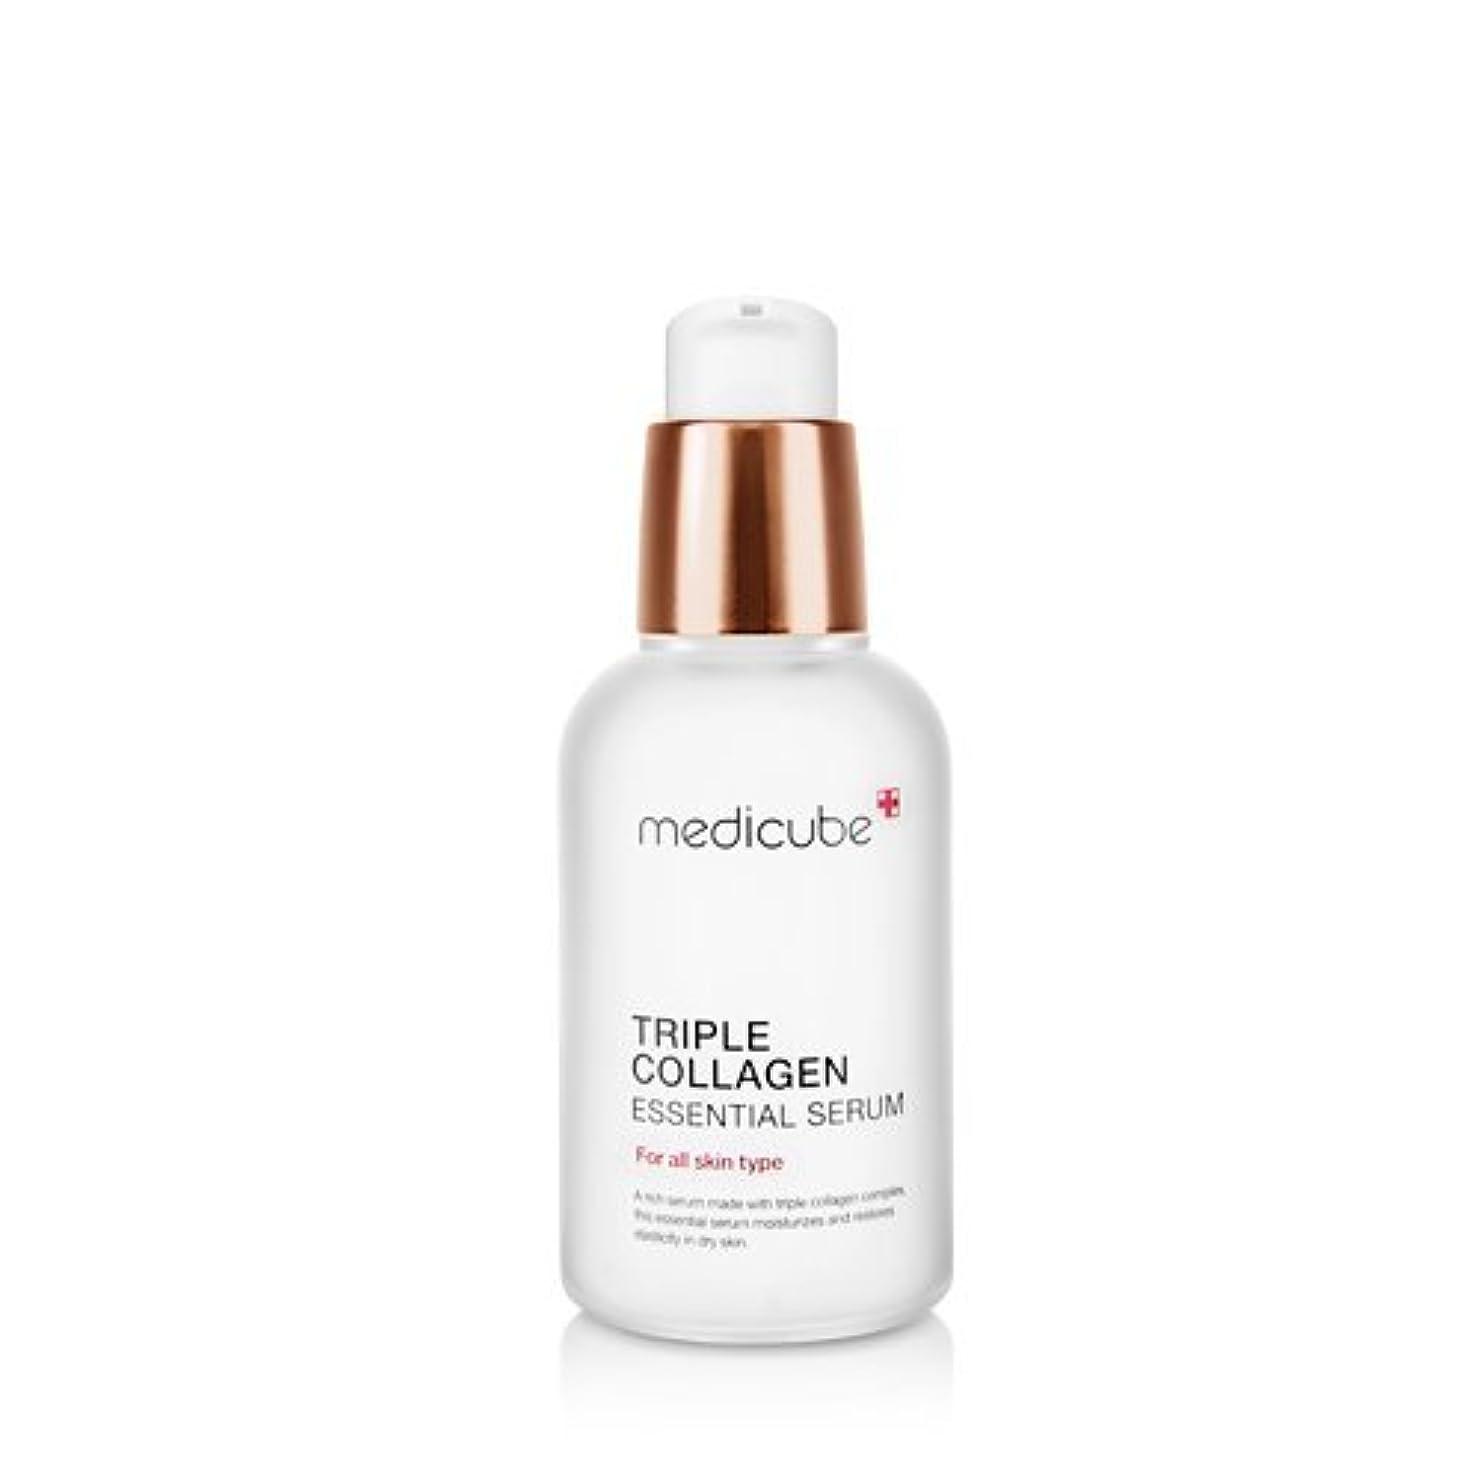 彫刻ダイアクリティカルみすぼらしいmedicube Triple Collagen Essential Serum 50ml/メディキューブ トリプル コラーゲン エッセンシャル セラム 50ml [並行輸入品]